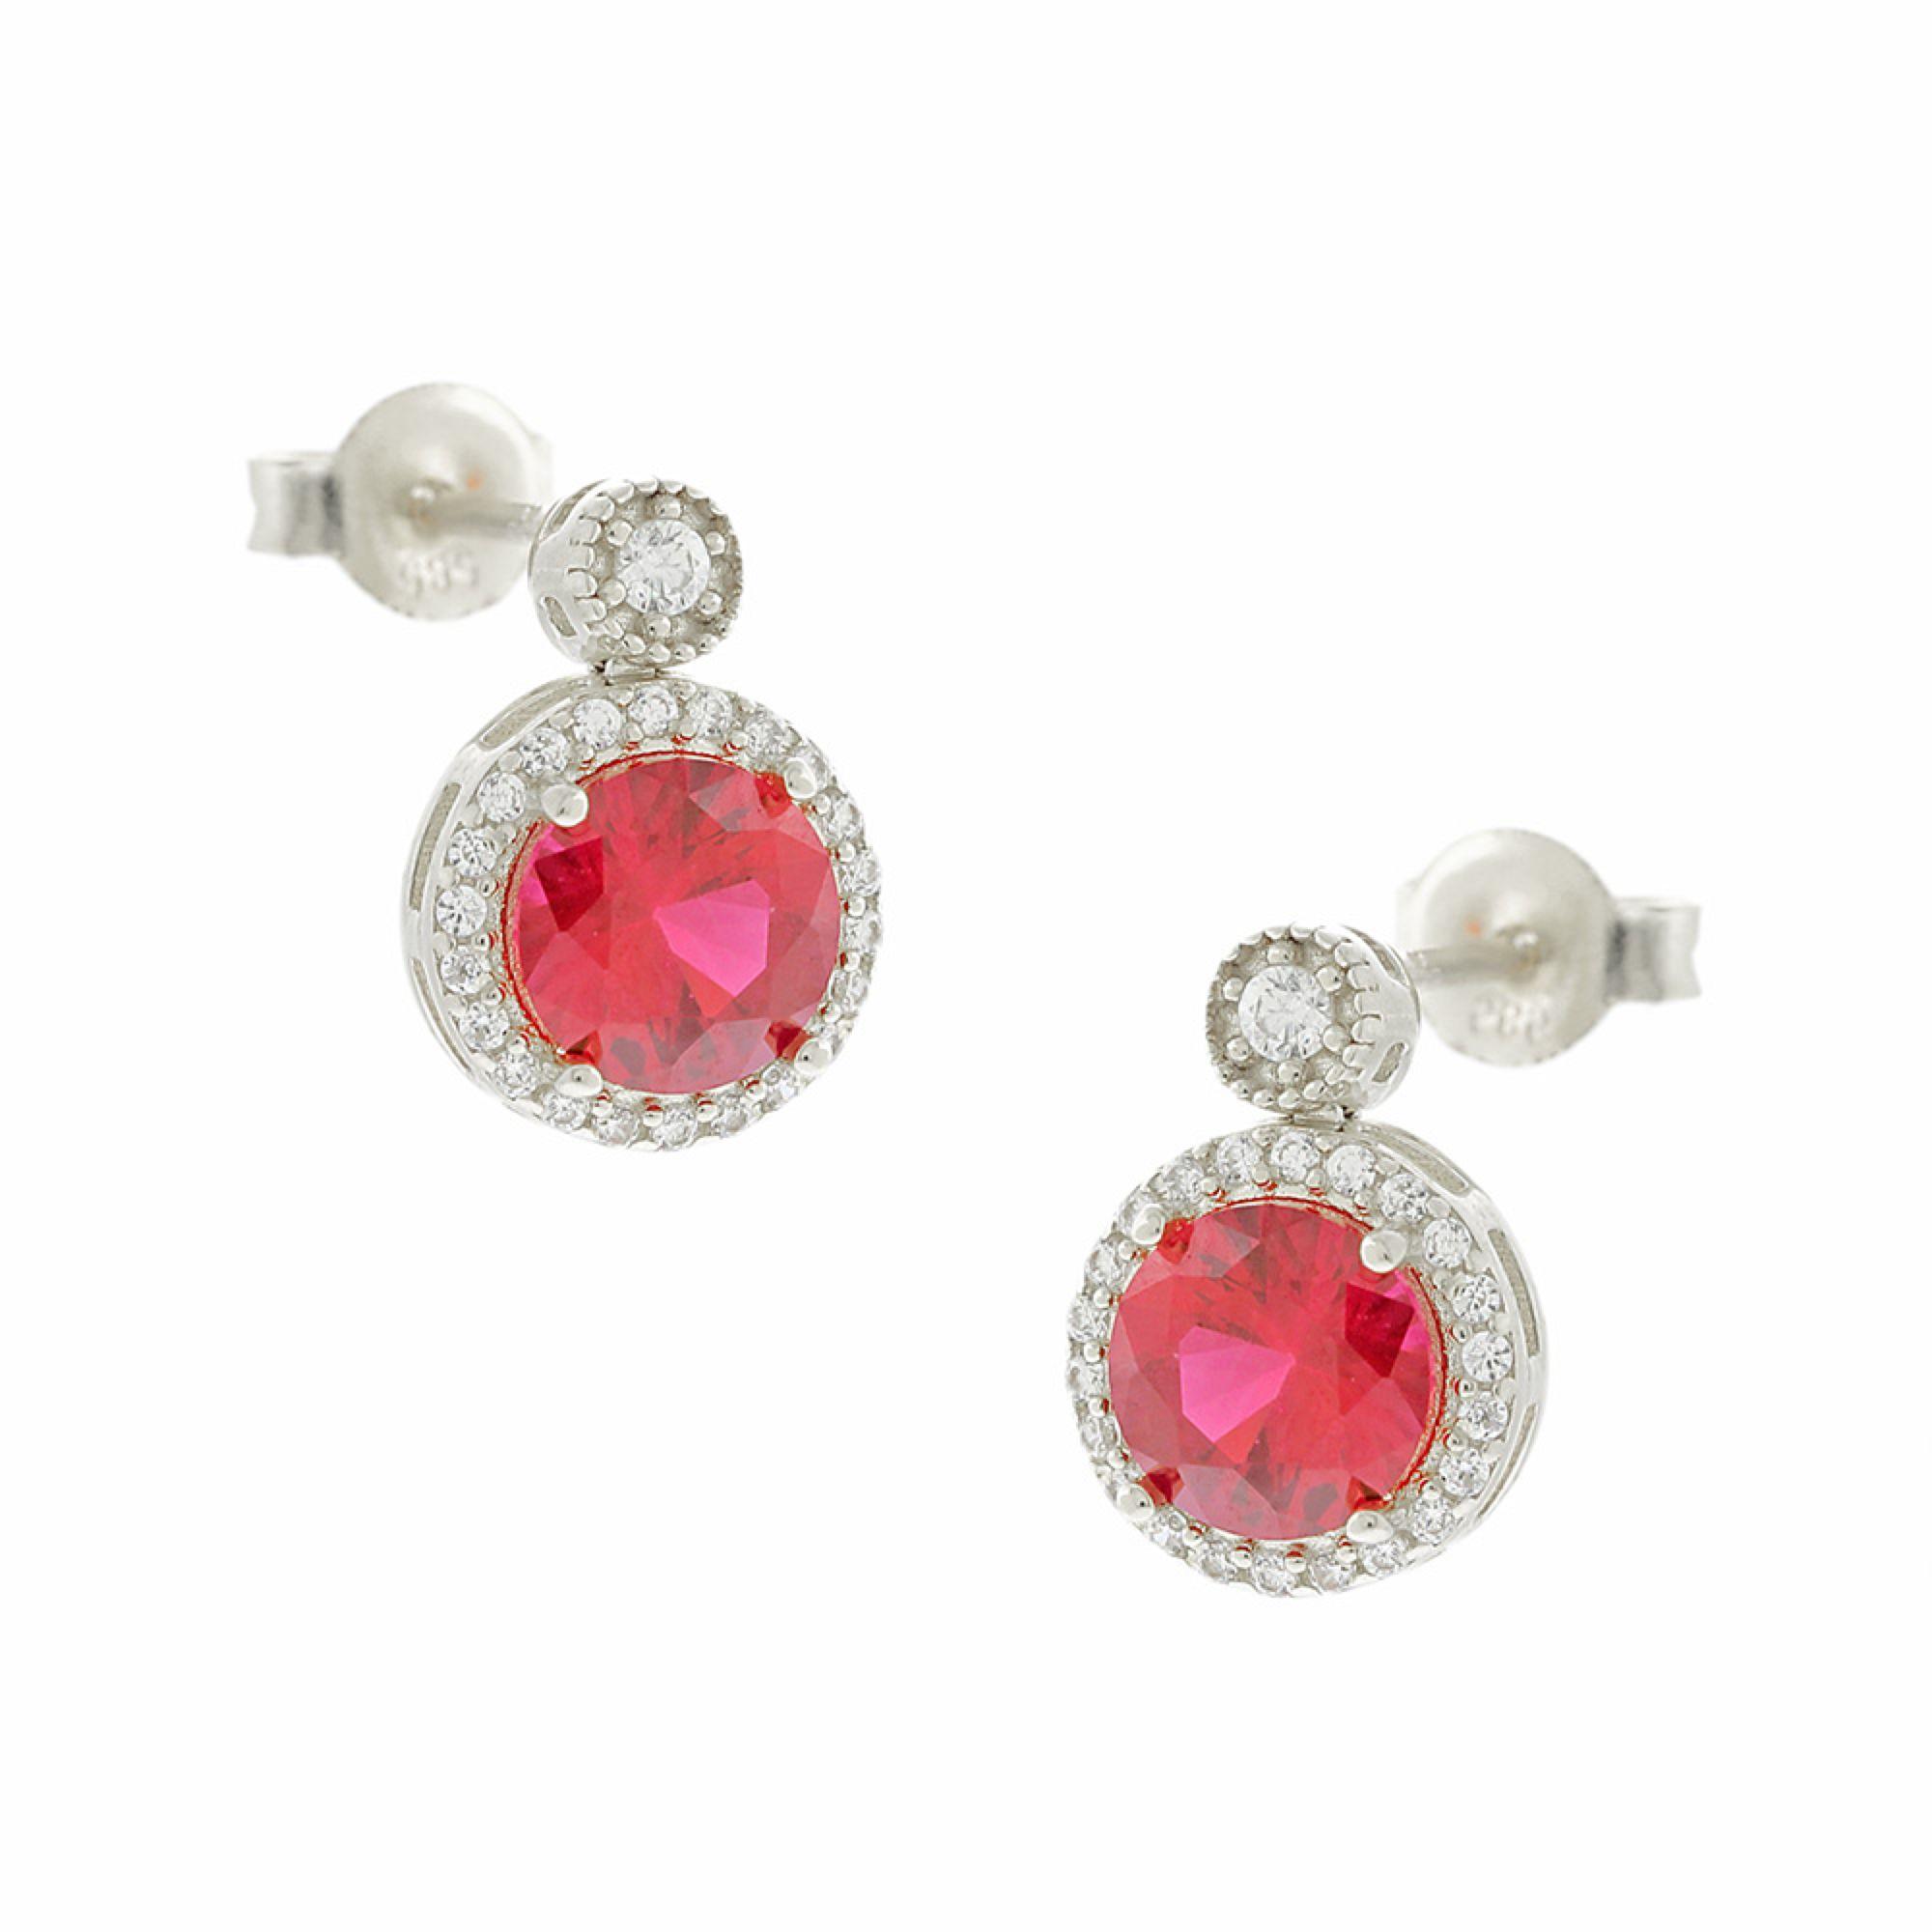 Σκουλαρίκια με Κόκκινη Πέτρα Ζιργκόν σε σχήμα Ροζέτας 14 Καράτια